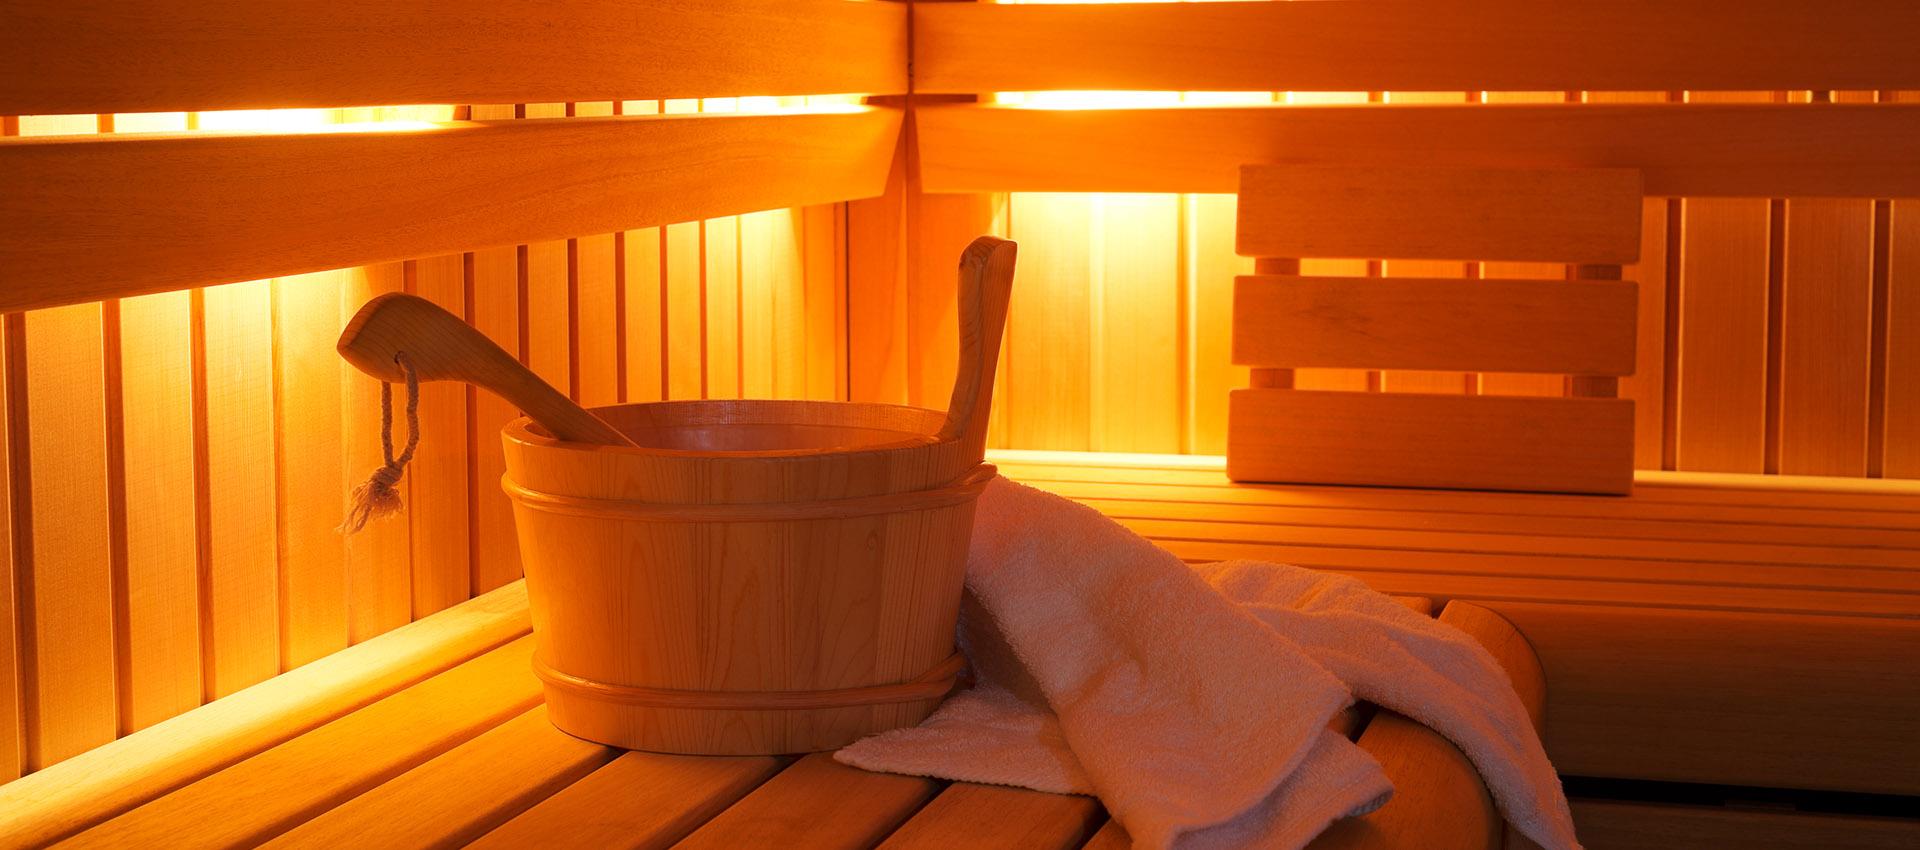 Progettazione e costruzione sauna a raggi infrarossi